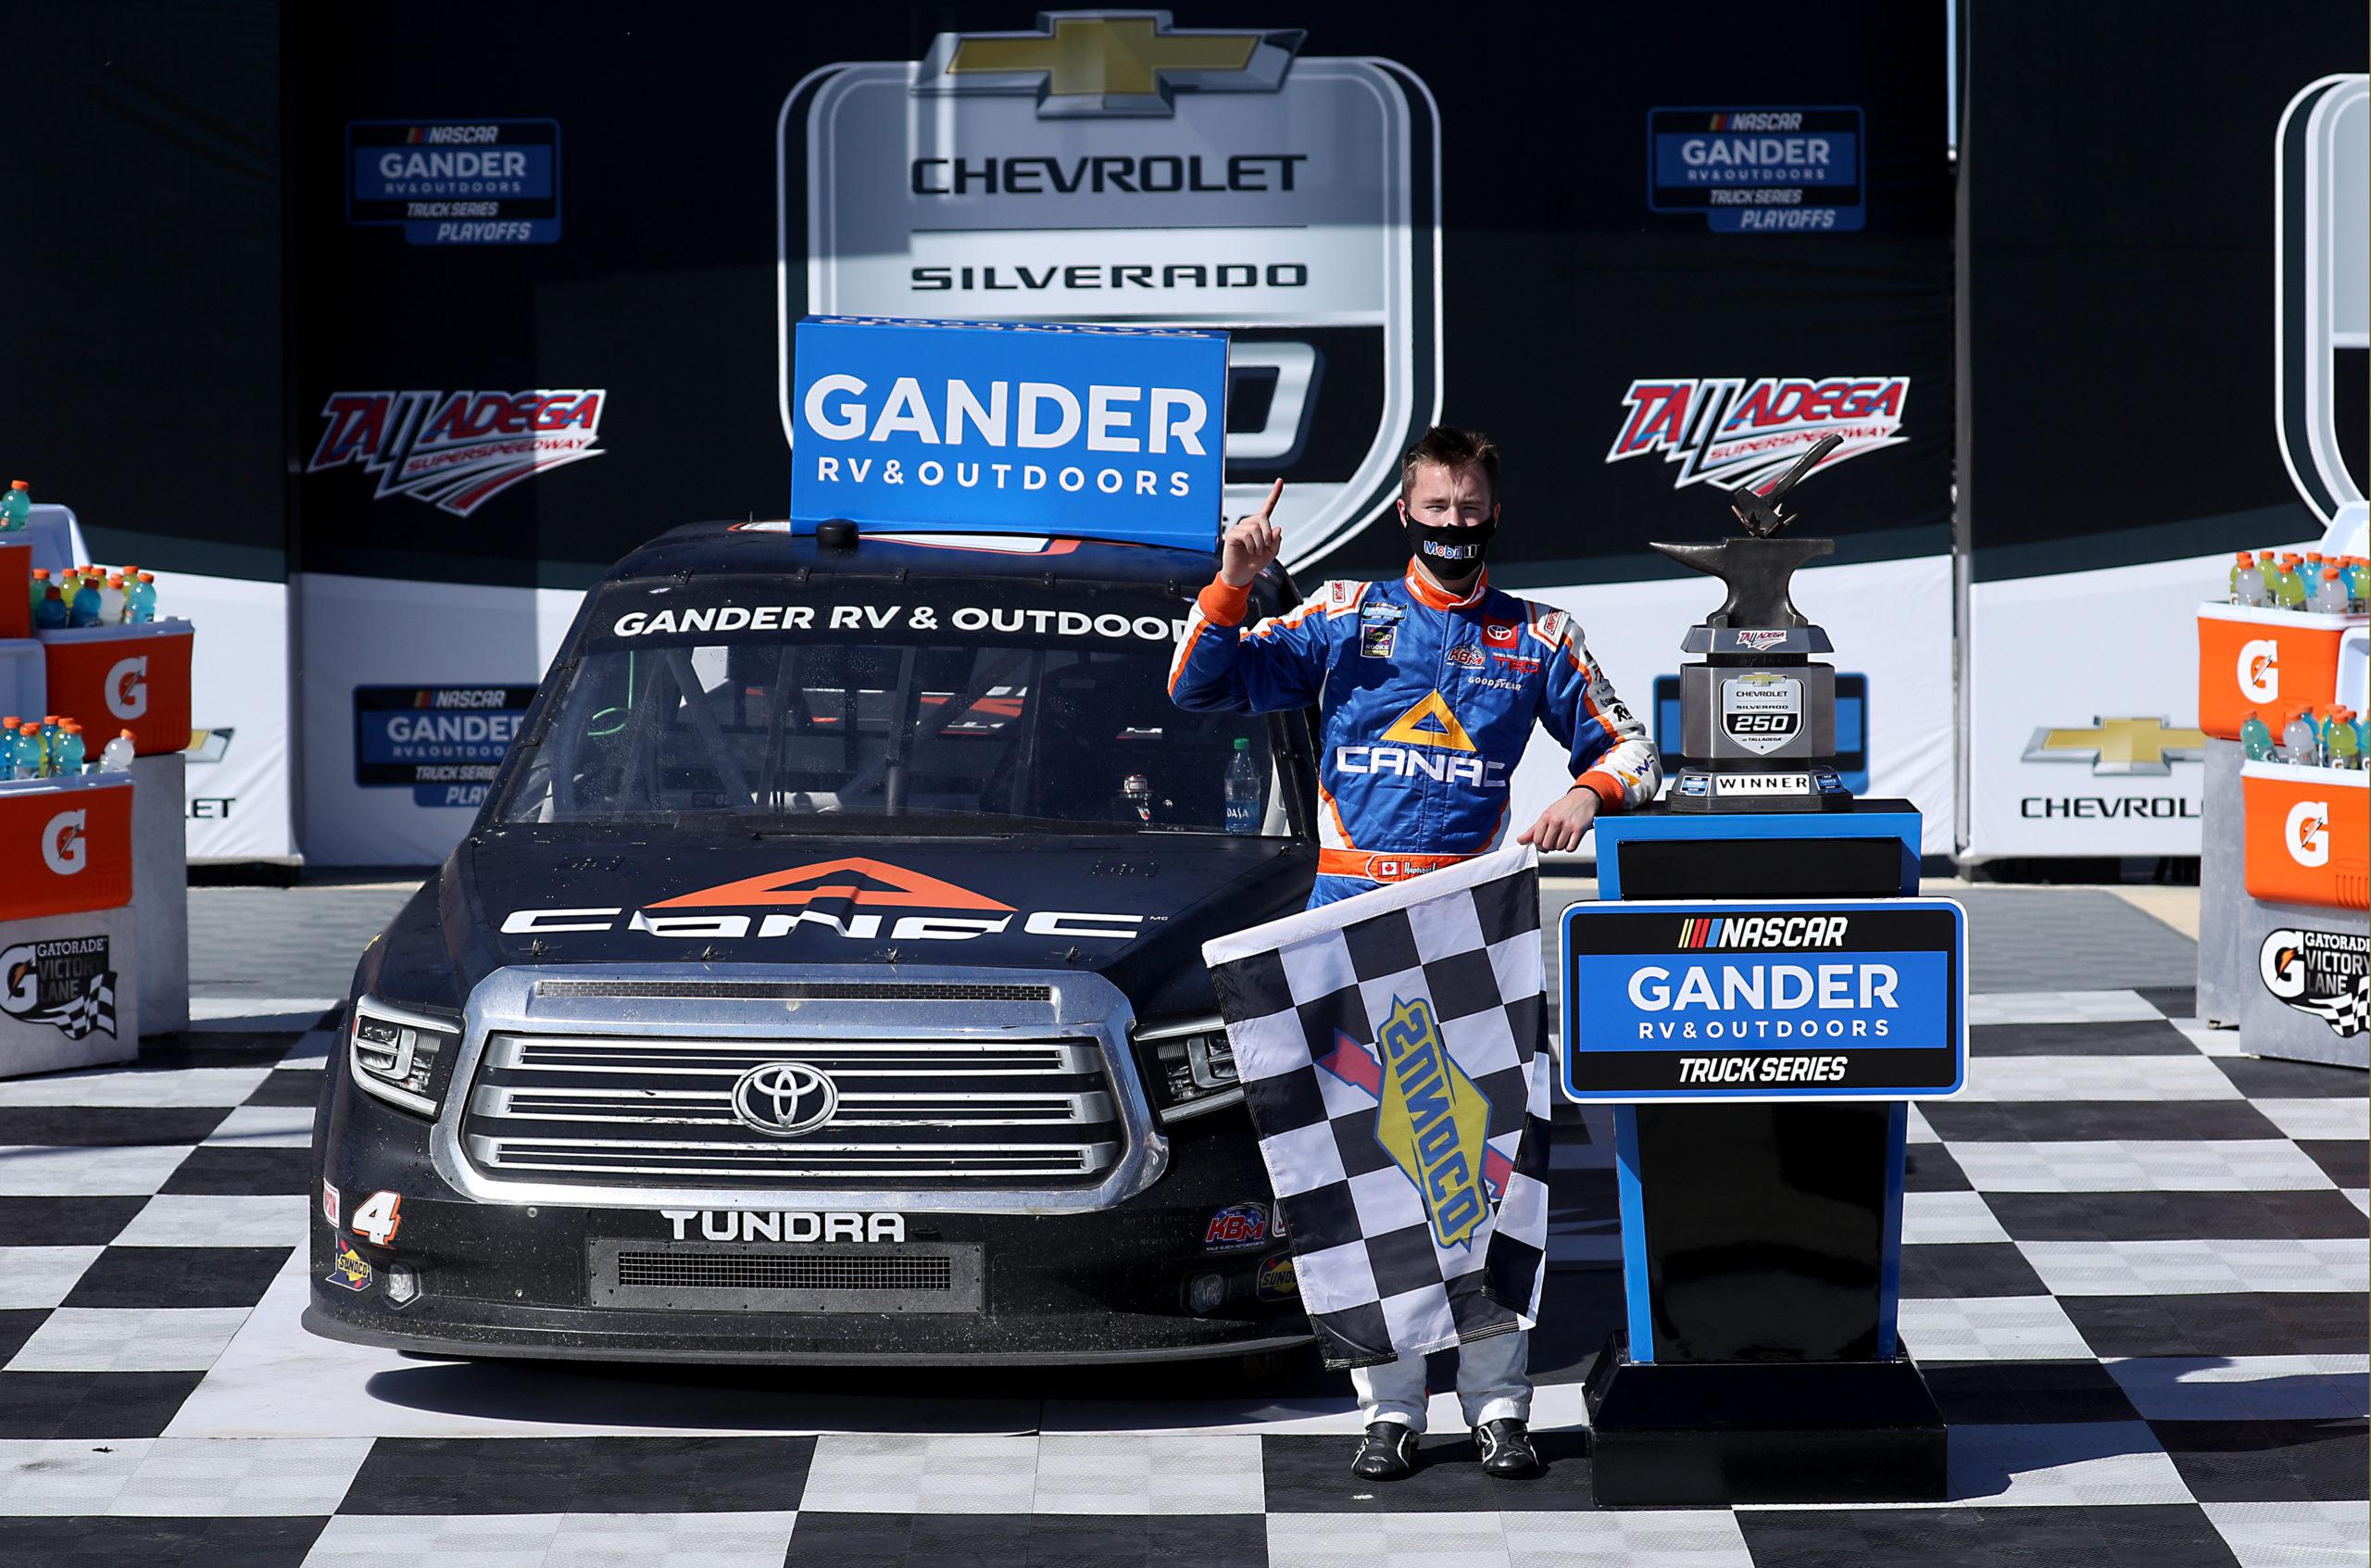 Foto de Truck Series: Lessard lidera no momento certo em Talladega. Gilliand e Eckes deixam playoffs